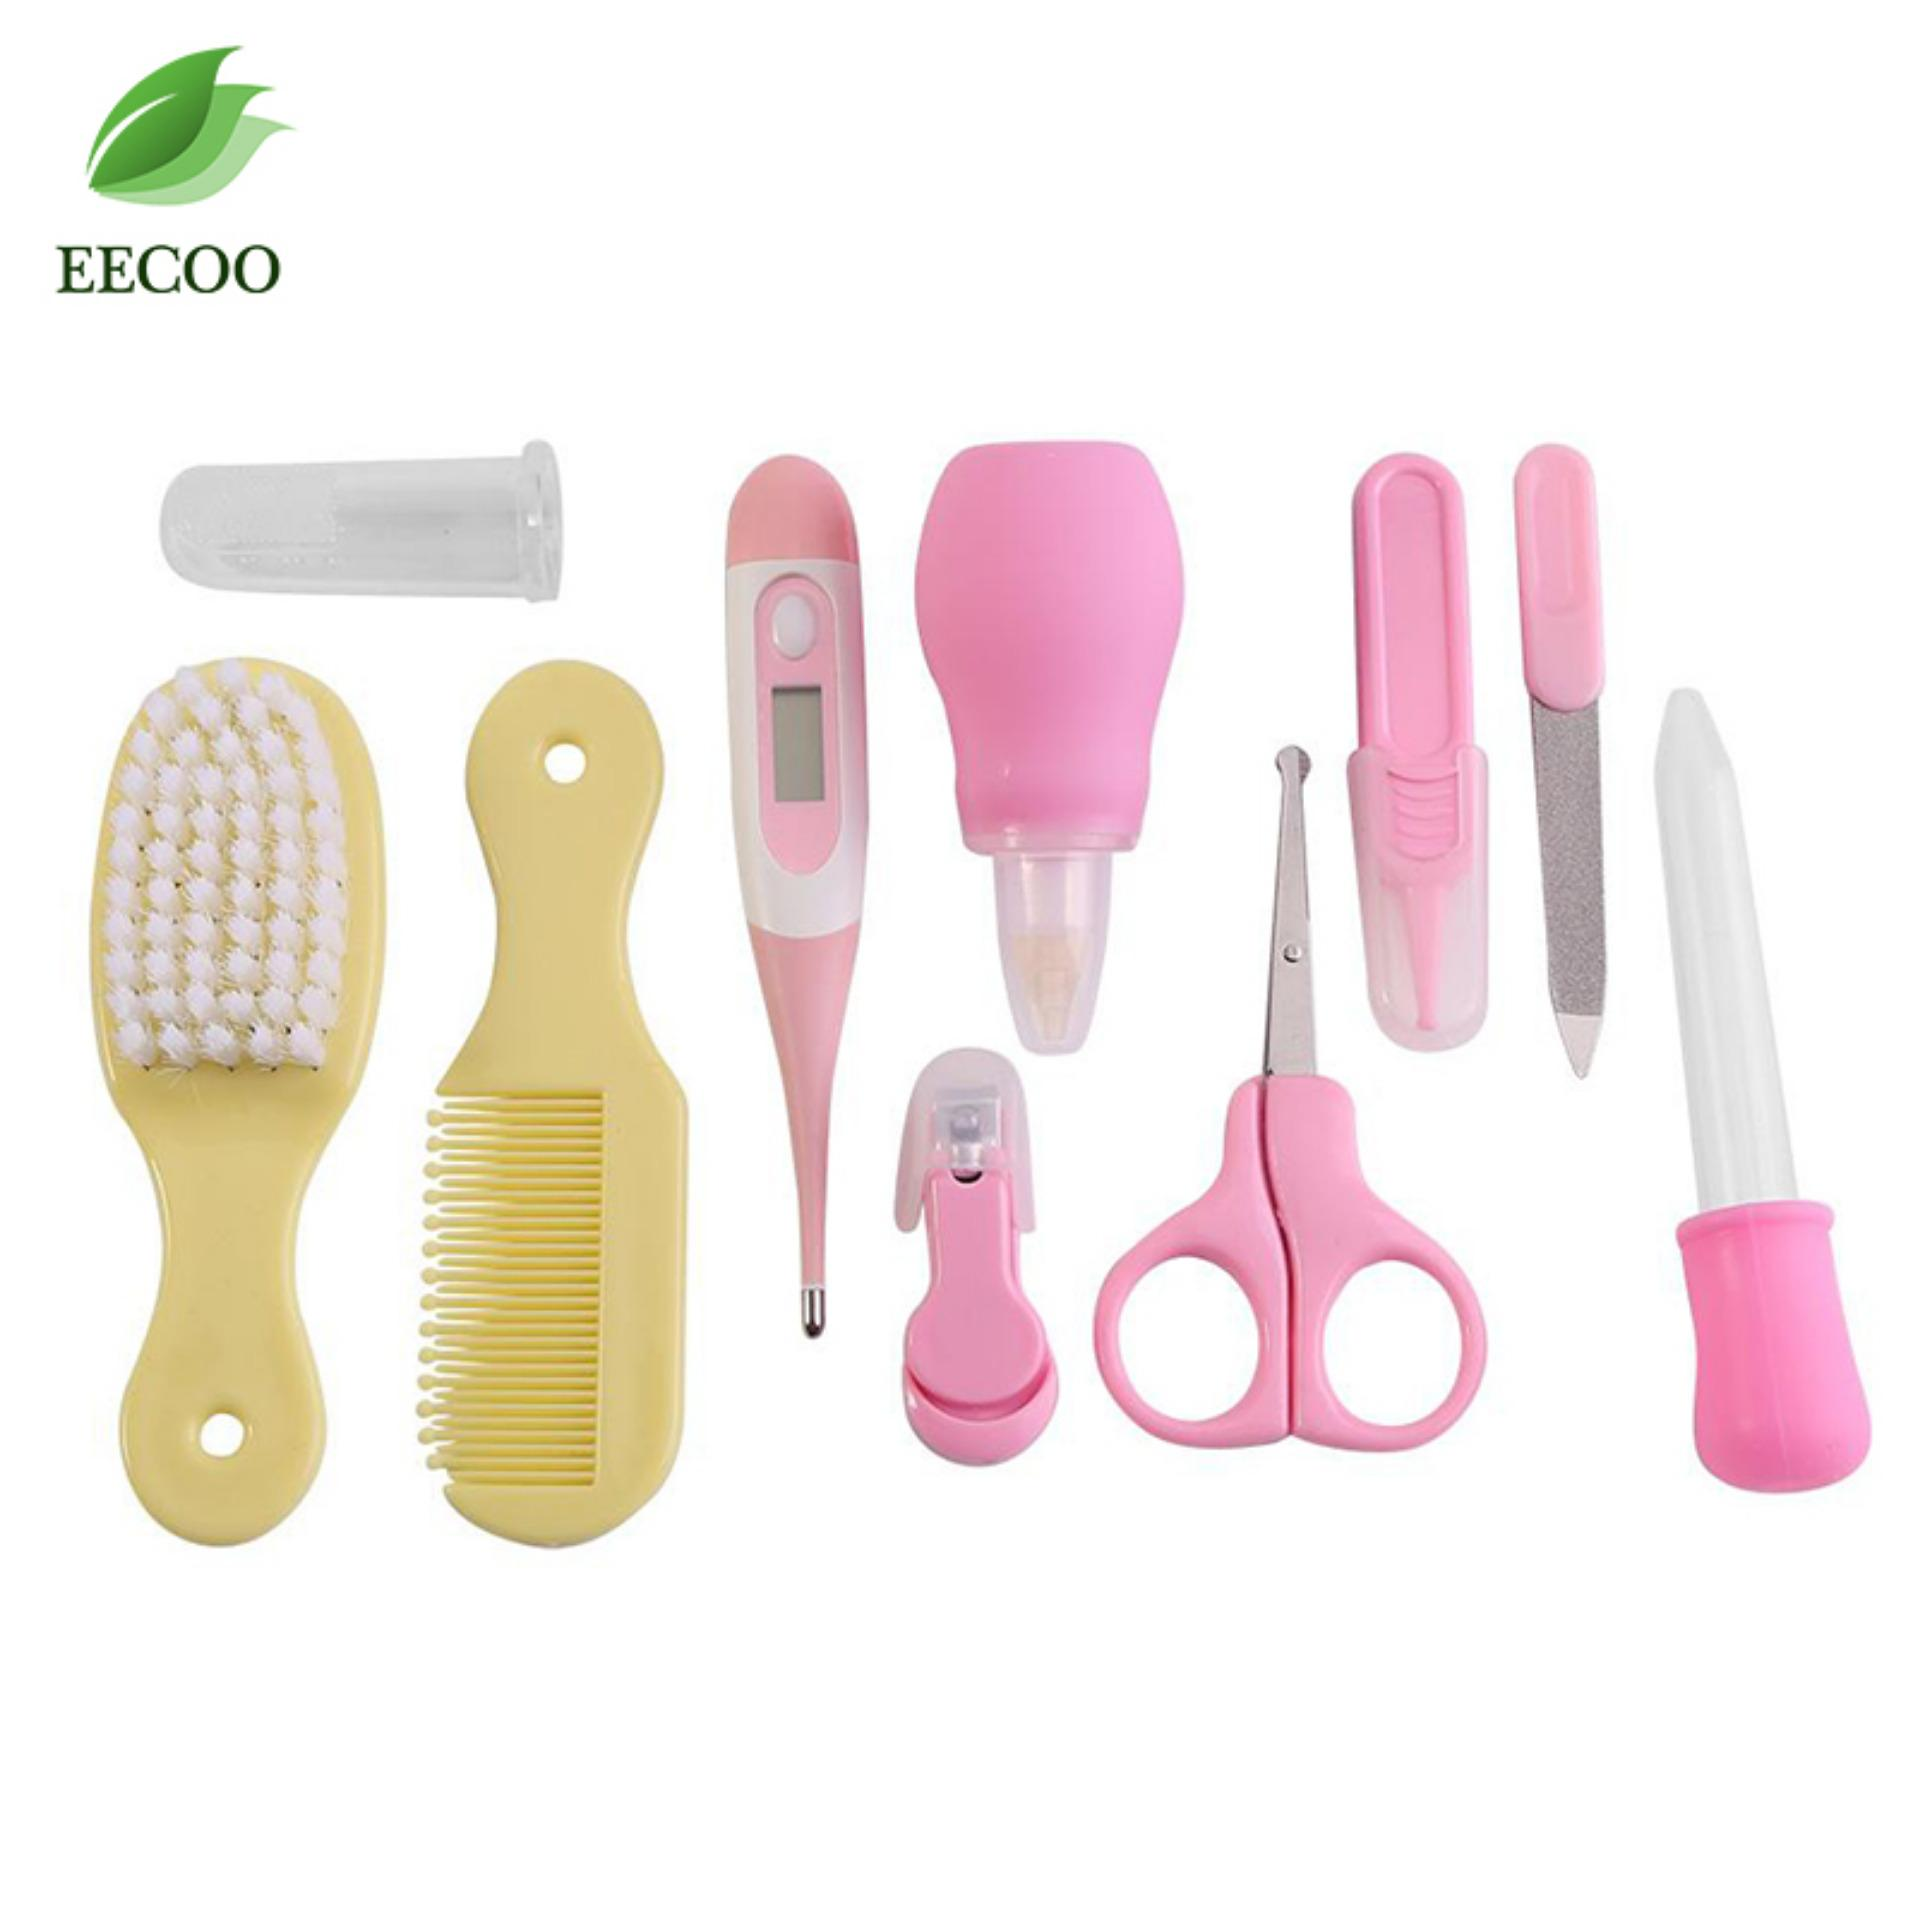 10 Pcs/set Bayi Perlengkapan Rambut Kit Nail Rambut Thermometer Perawatan Sisir Set (Pink + Kuning)-Intl